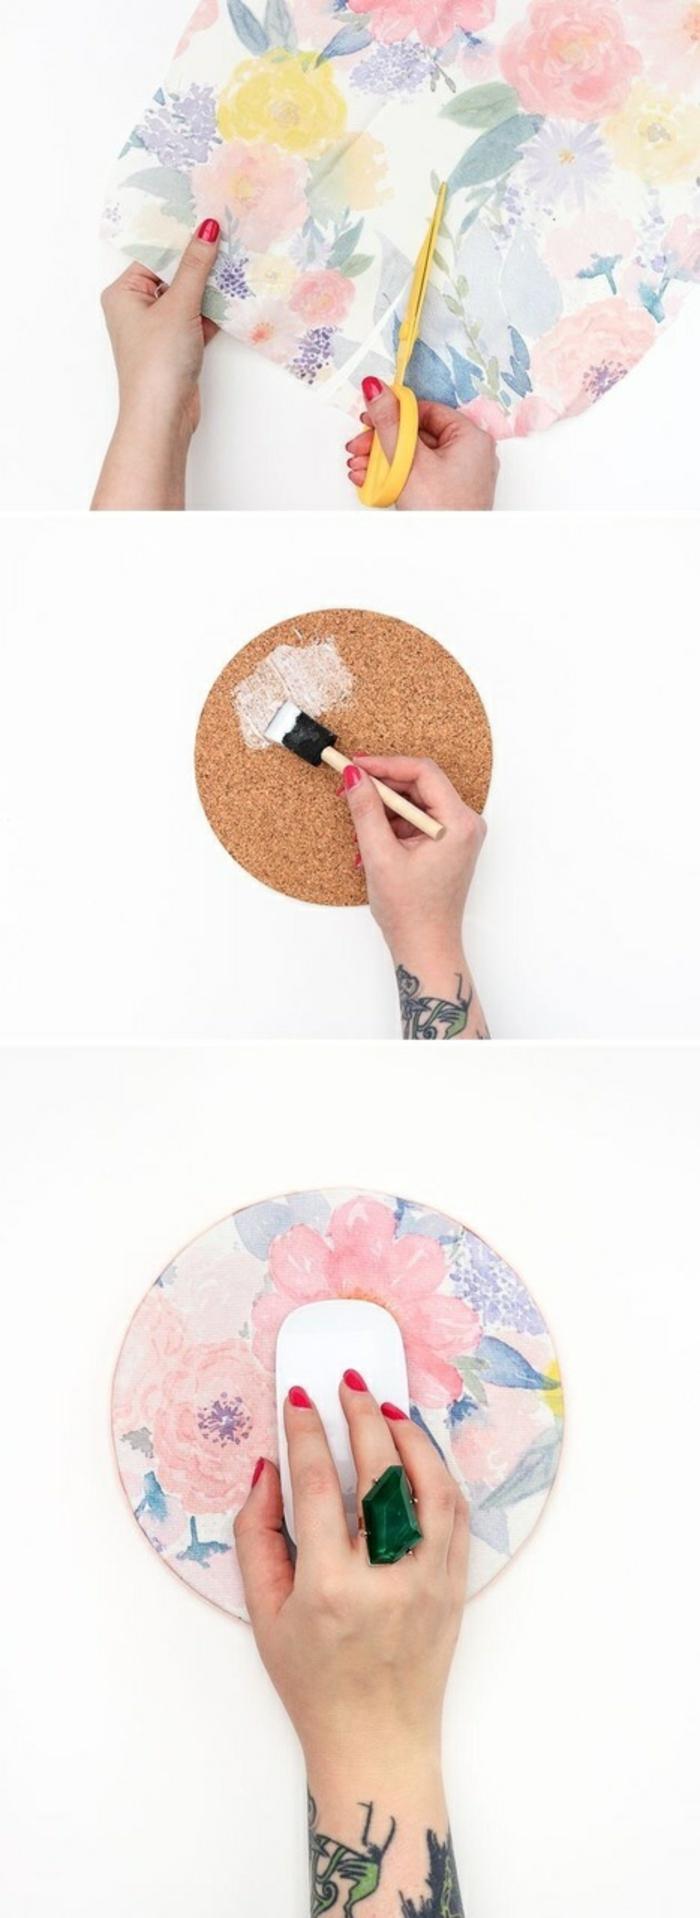 bastelanleitungen für kinder, deko ideen mit kork und farbe, bunte muster, maus deko